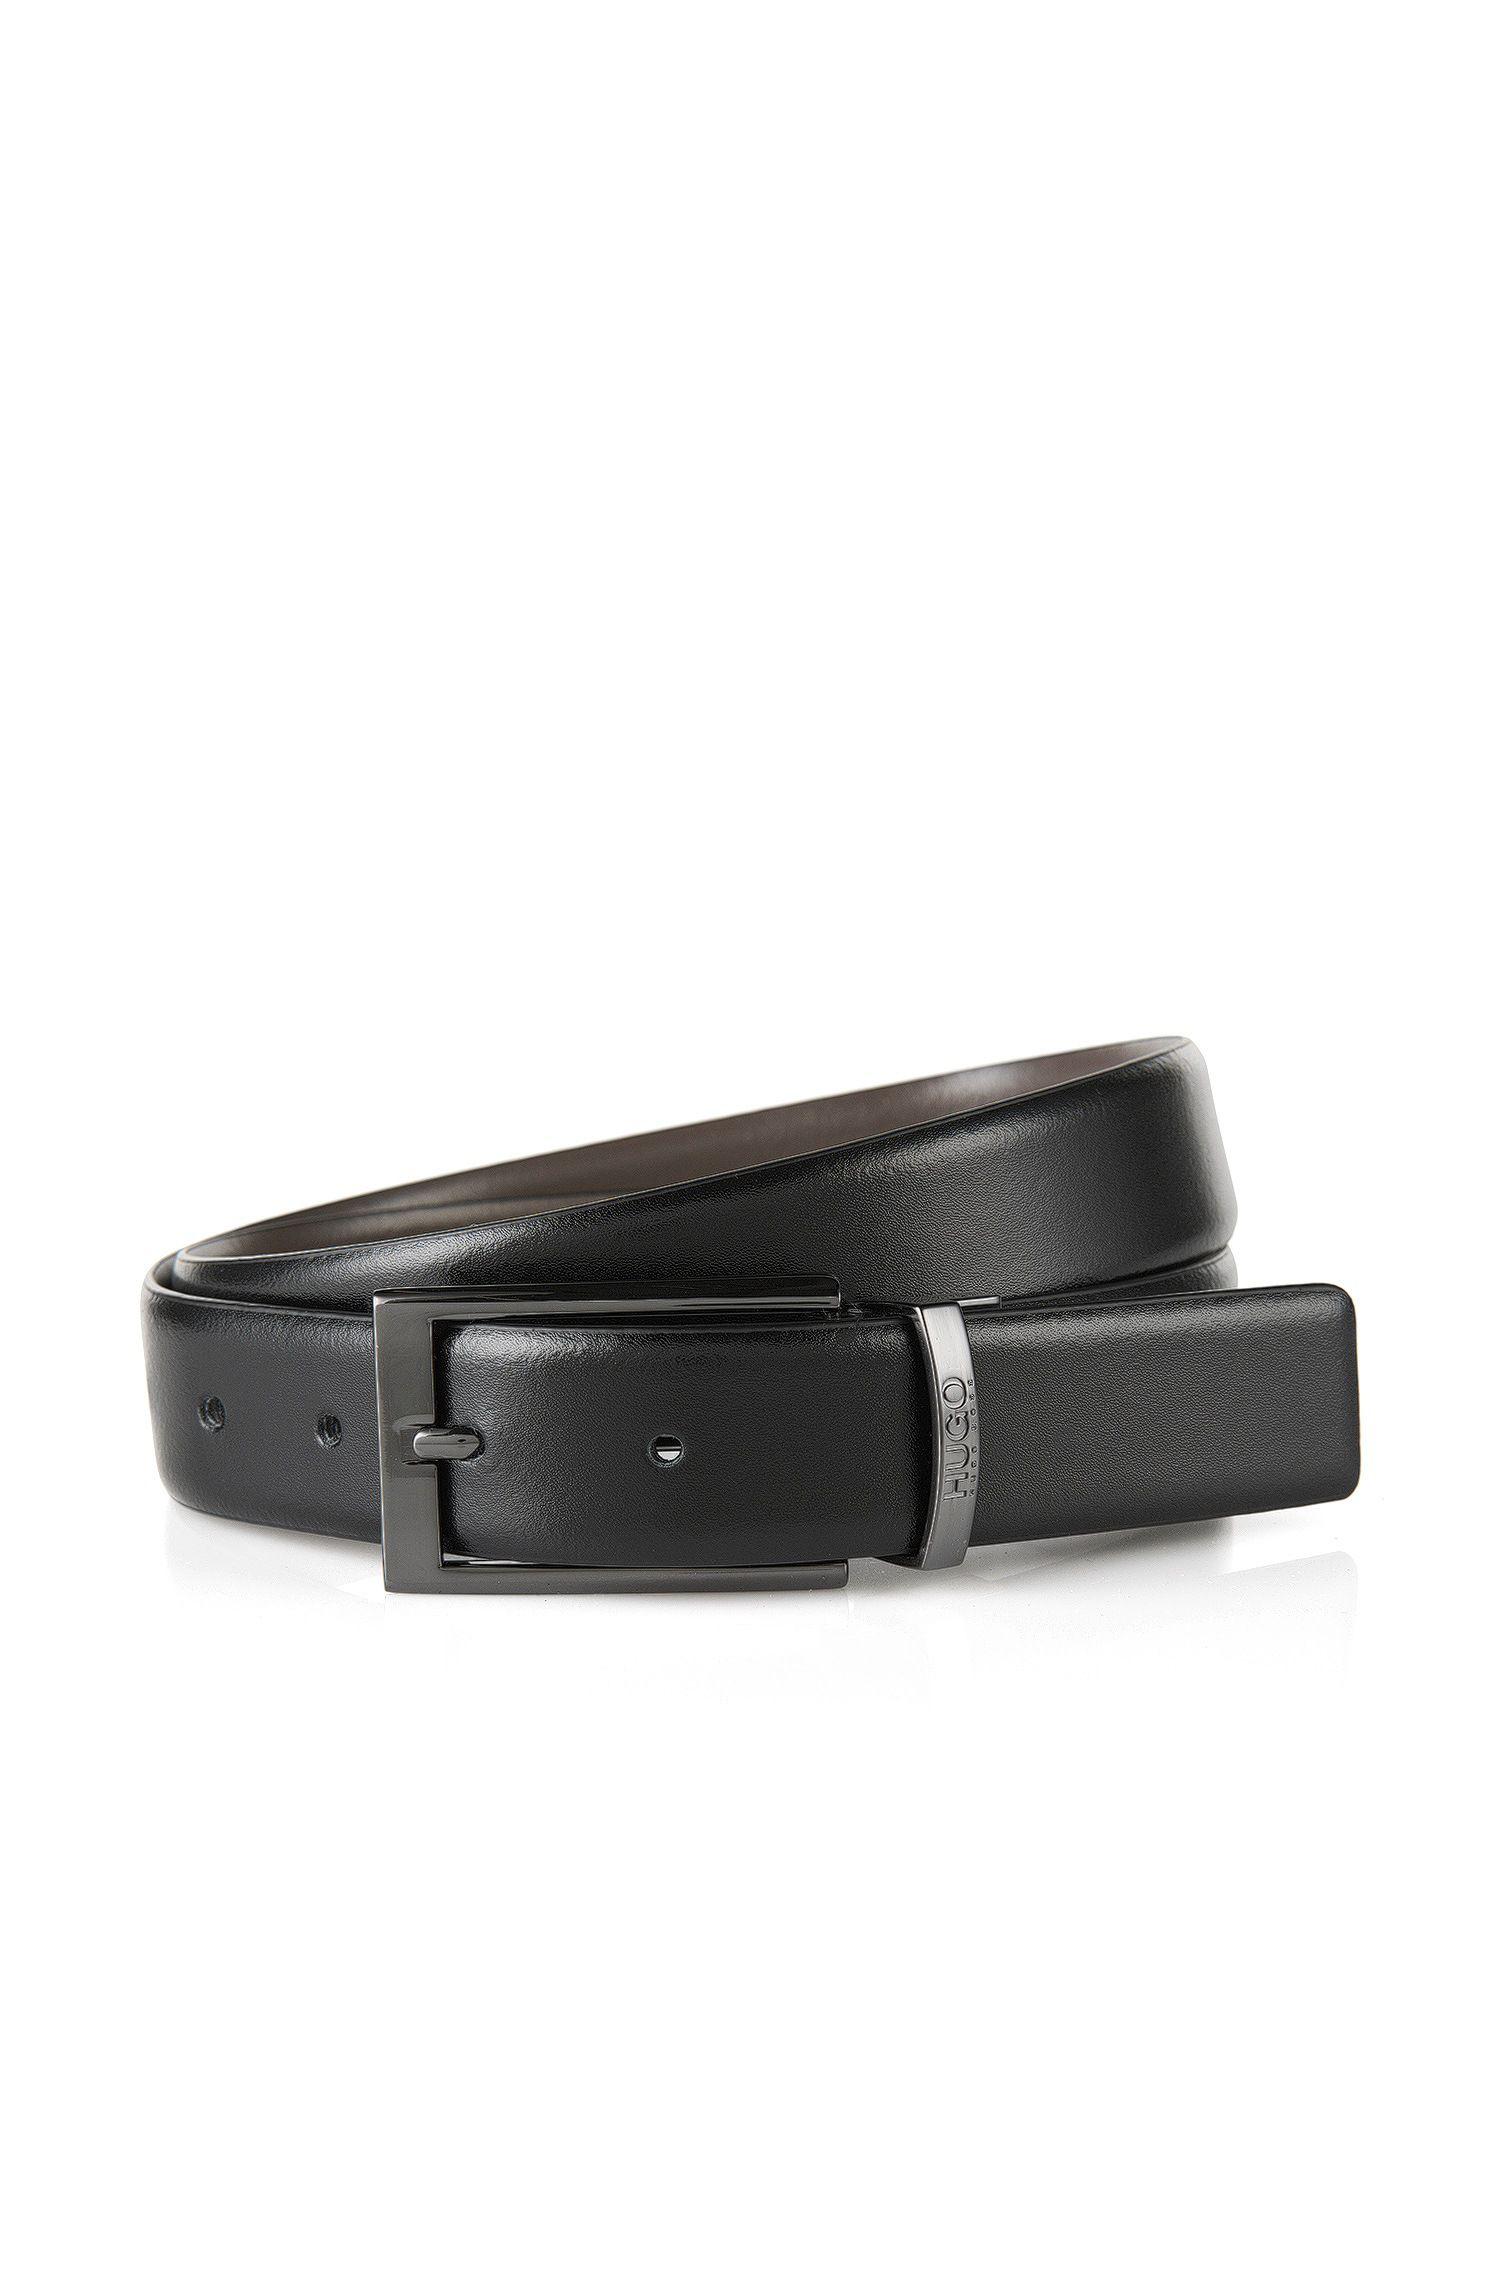 Cintura reversibile in pelle liscia con dettagli color canna di fucile